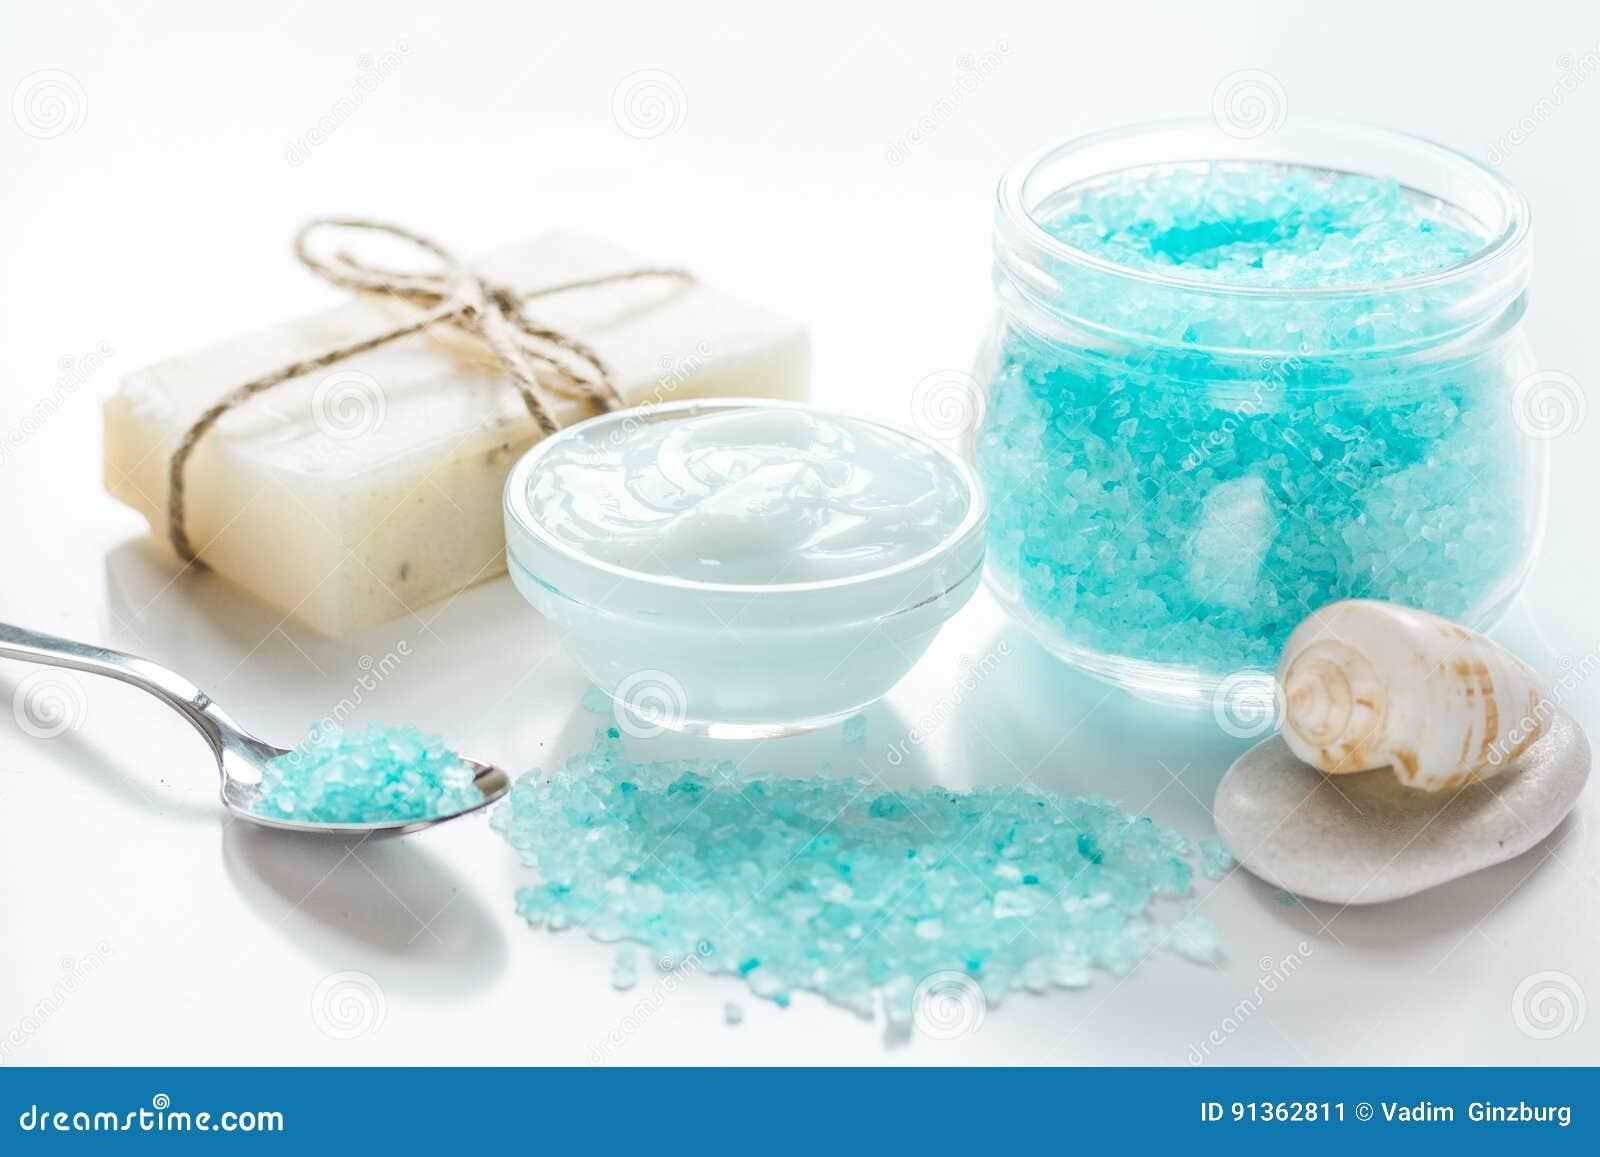 Metta per il bagno con sale e le coperture sul fondo bianco della tavola immagine stock - Bagno con sale grosso ...